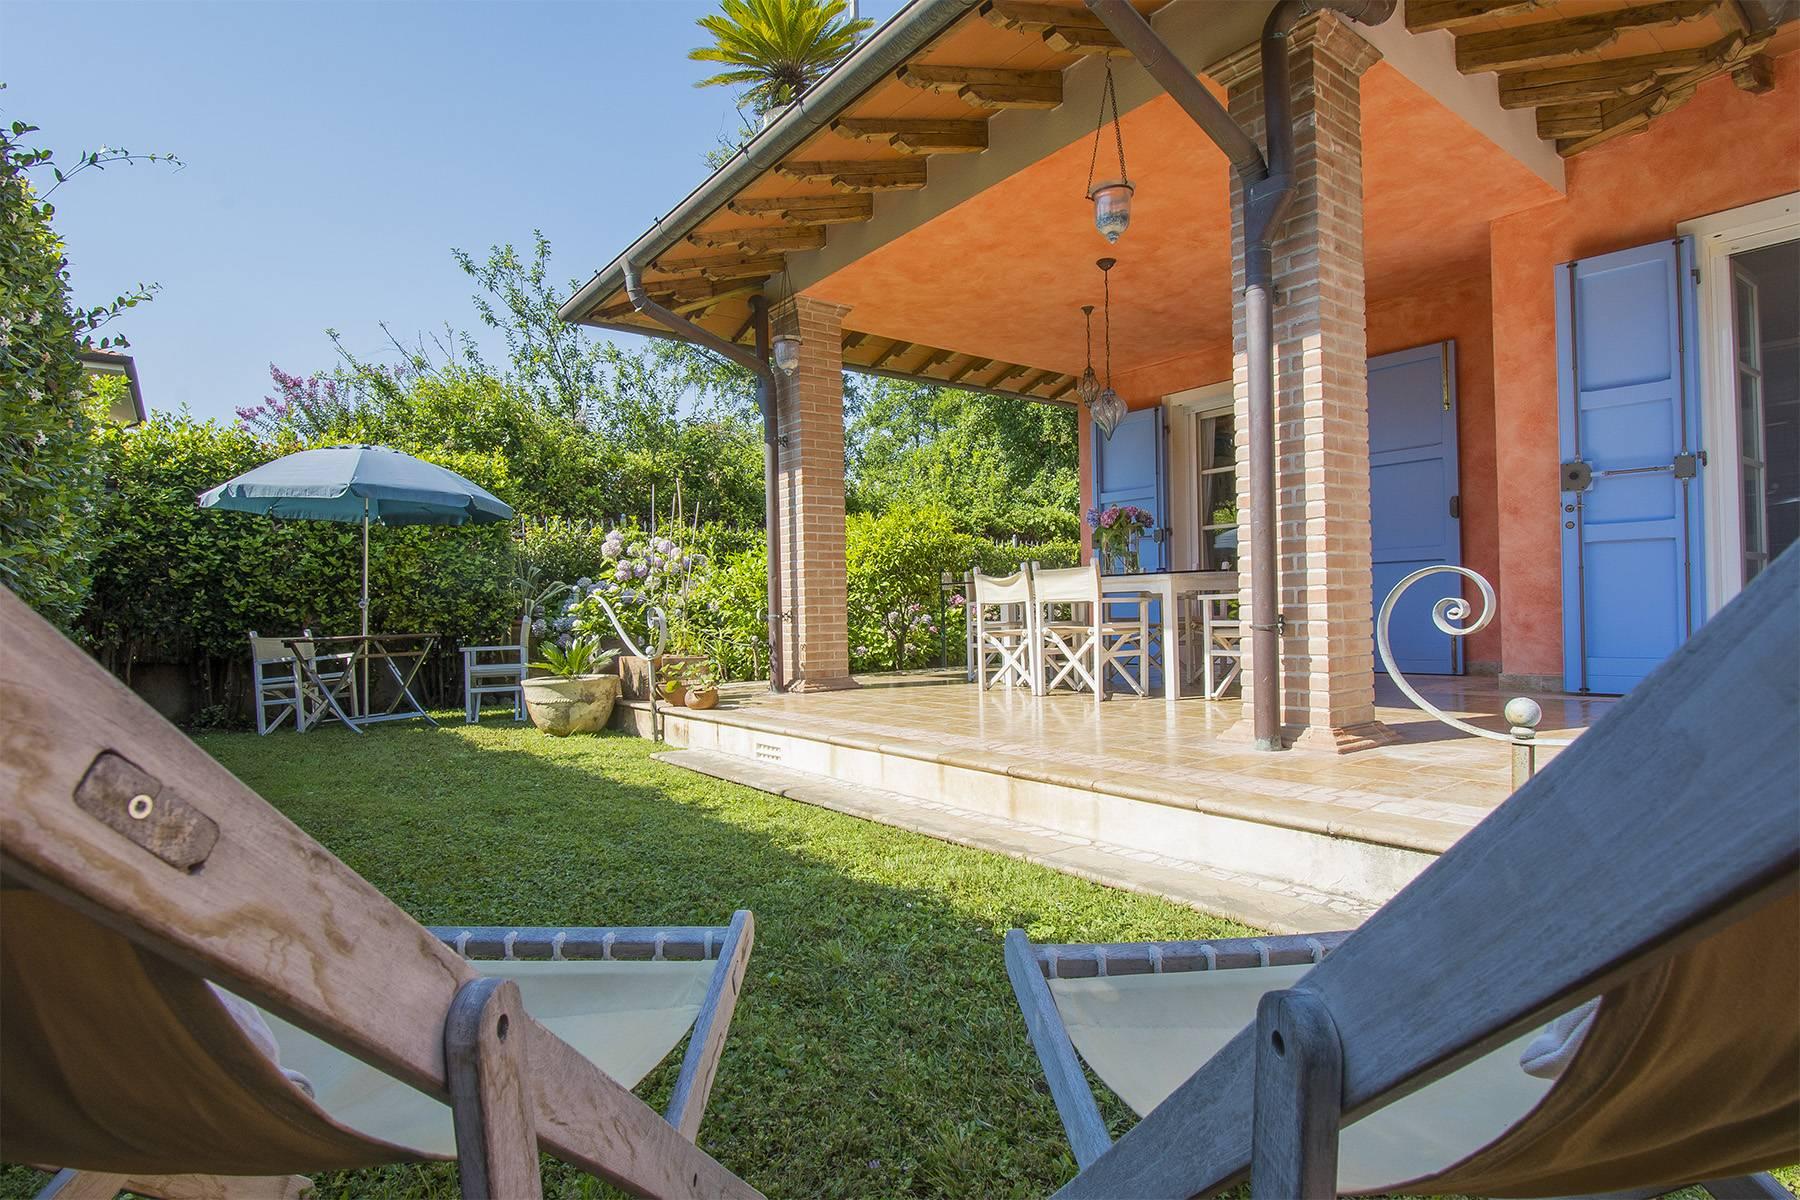 Casa indipendente in Vendita a Pietrasanta: 5 locali, 180 mq - Foto 4